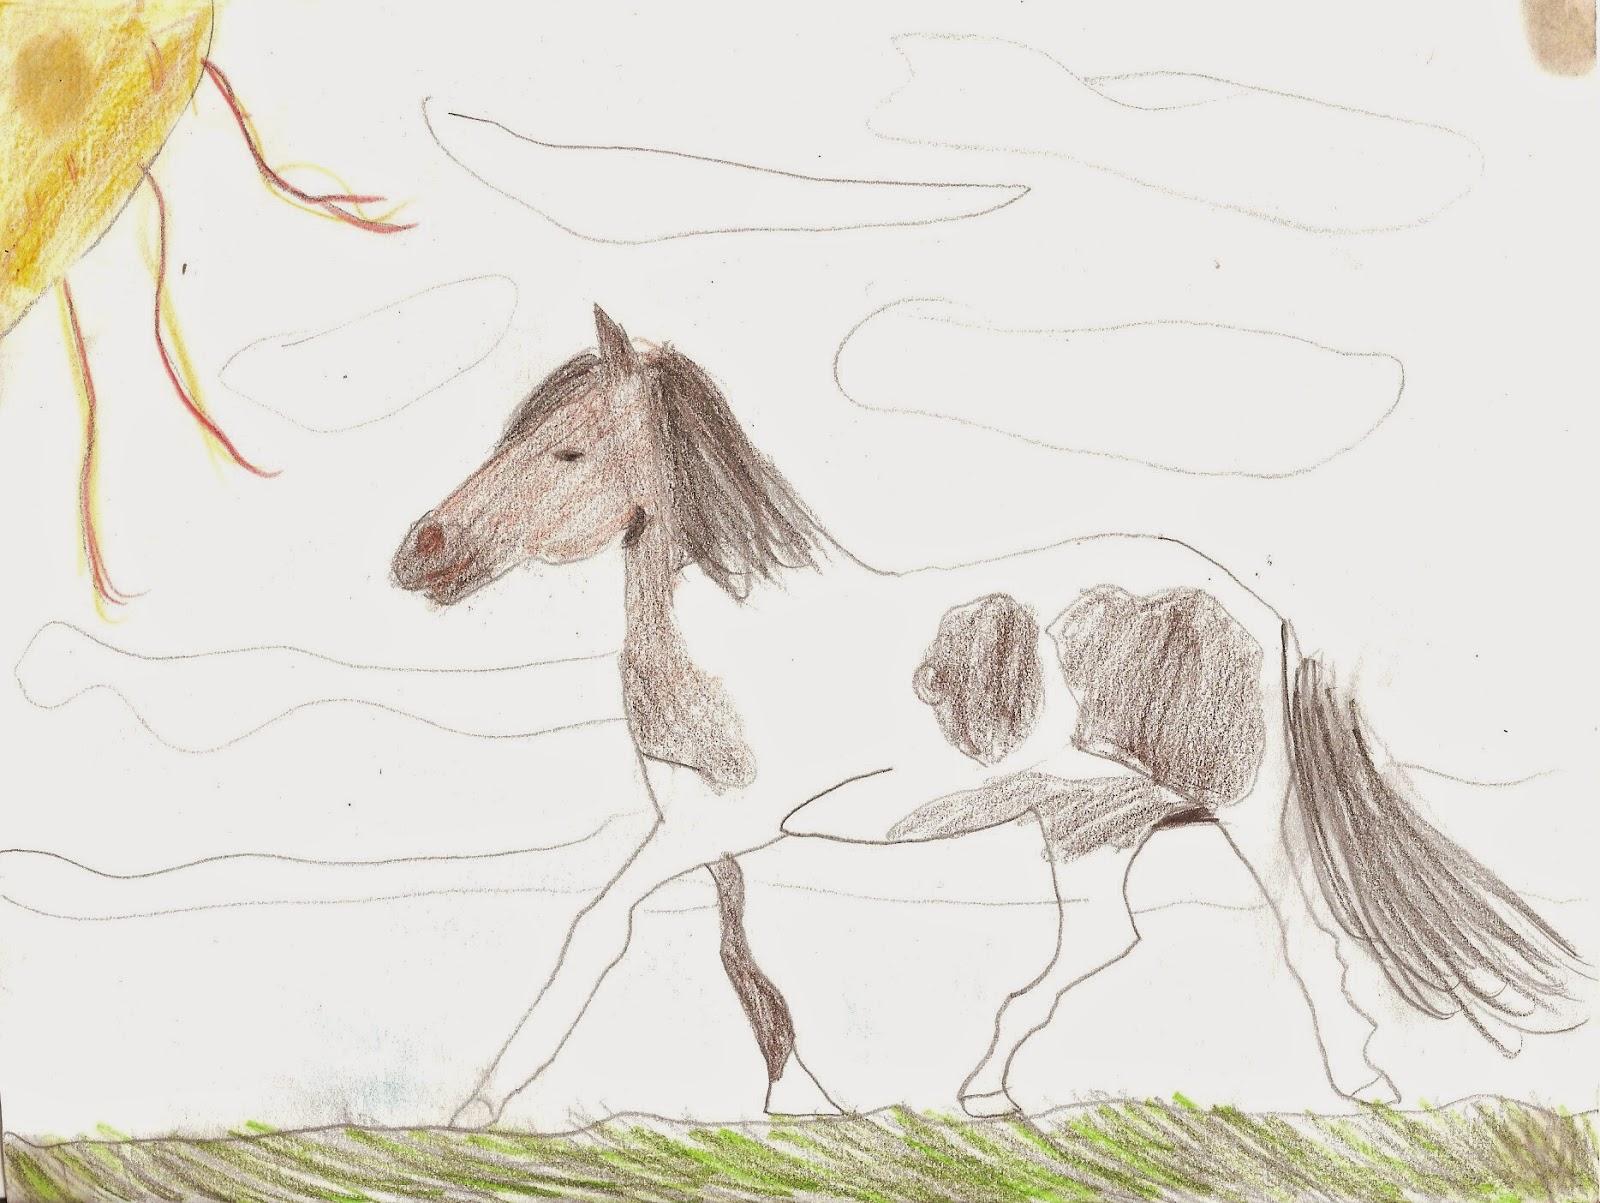 Arti grafiche e creative novembre 2014 for Disegno cavallo per bambini